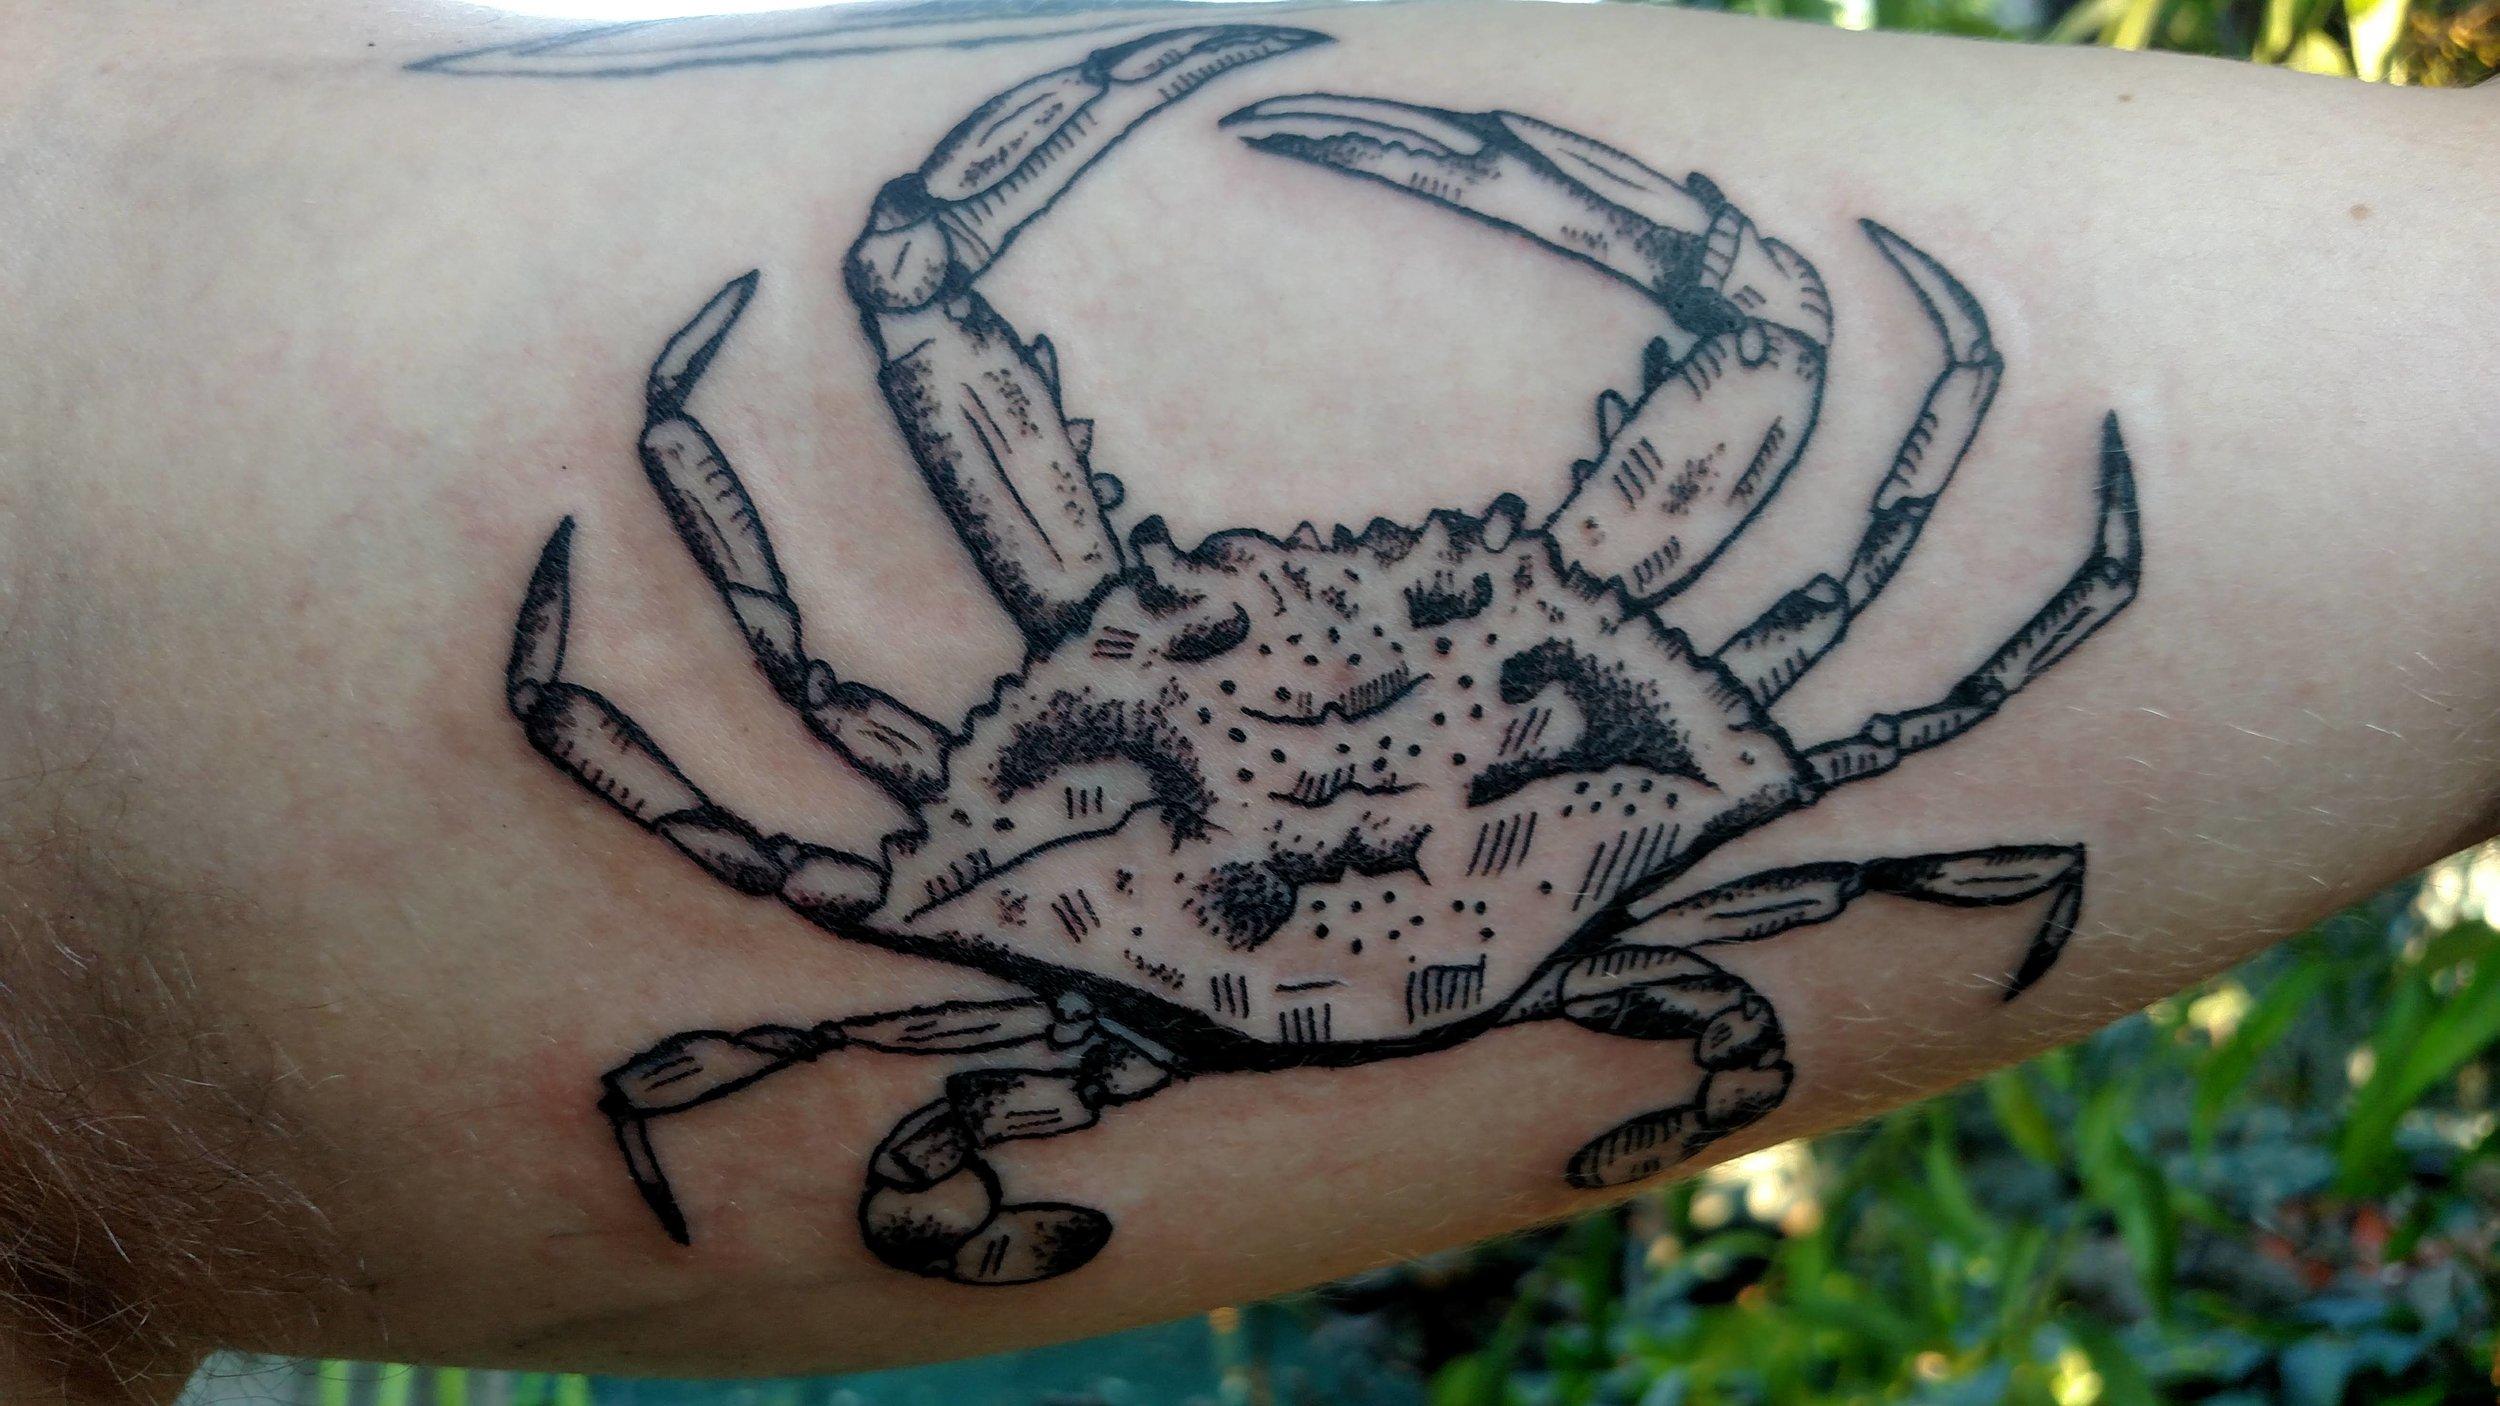 Limpio tattoo_01.jpg